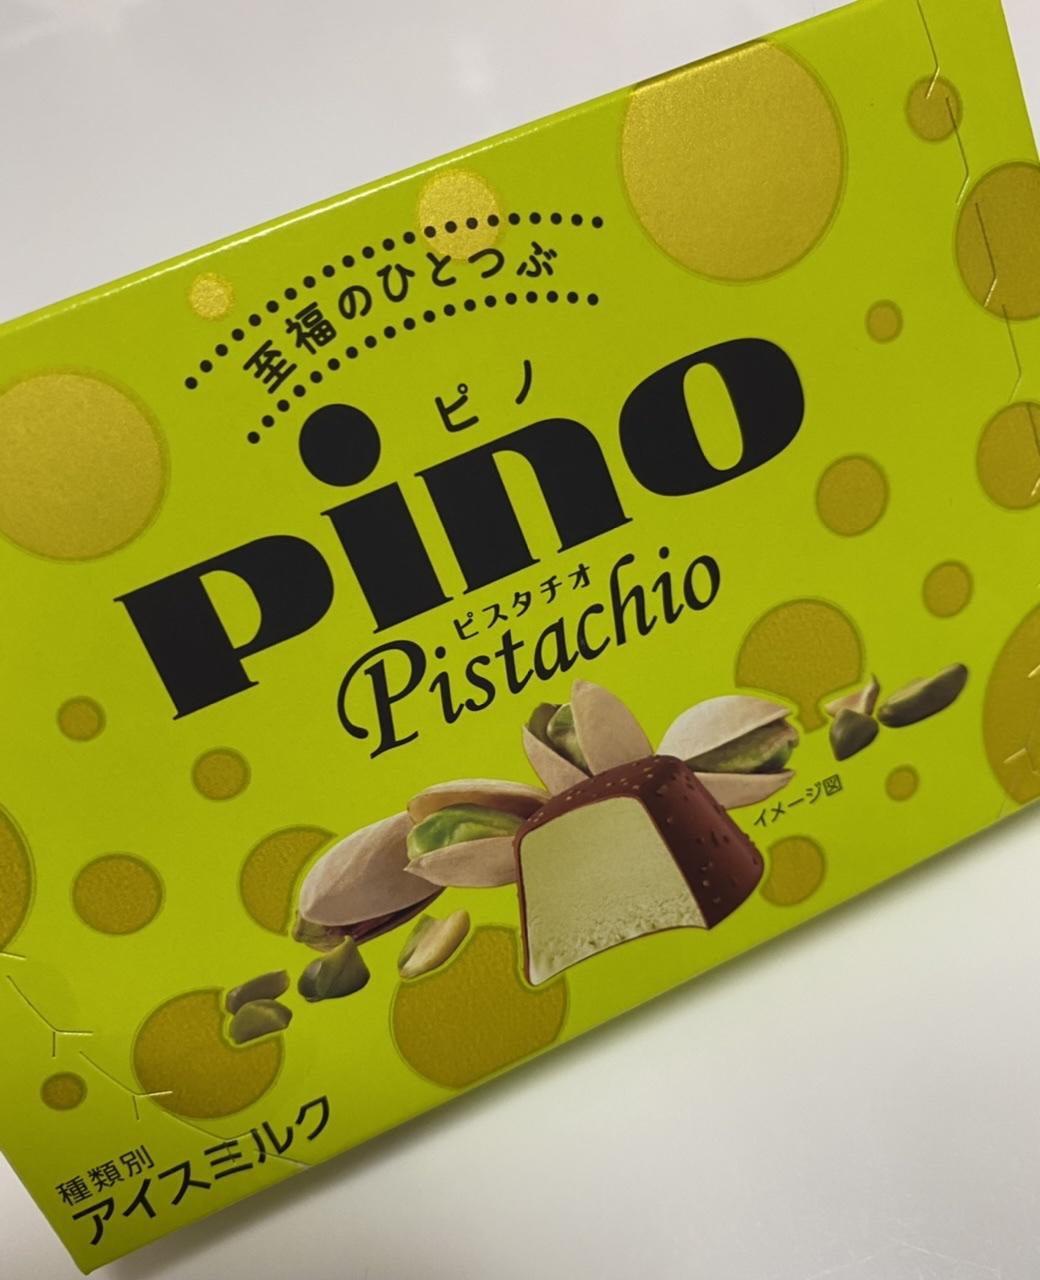 【コンビニ限定!】ピノのピスタチオ味もう食べた?_1